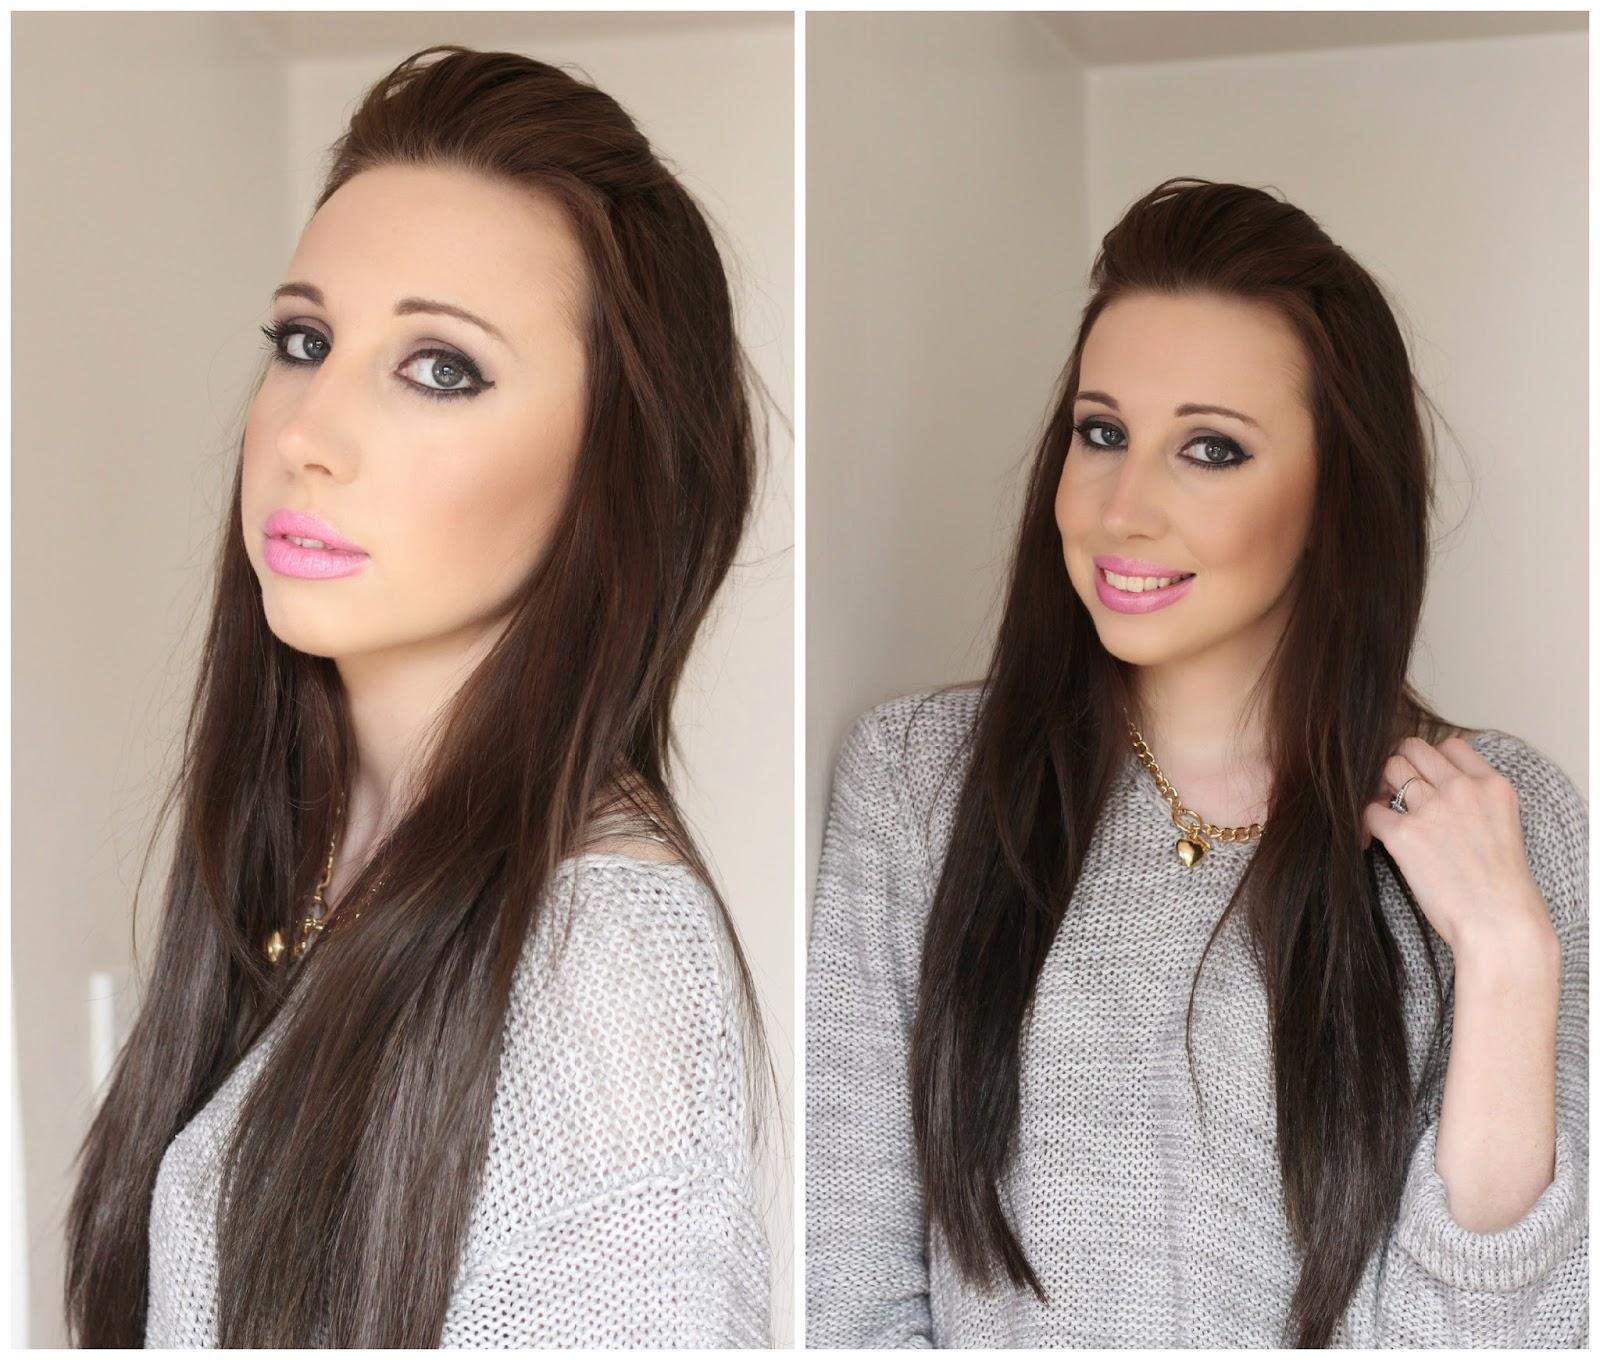 Half wig, Annabelles wigs review, annabelle wigs review, half wig review, wigs, wig review, hair extensions, hair piece, thick hair, thicker hair, long hair,